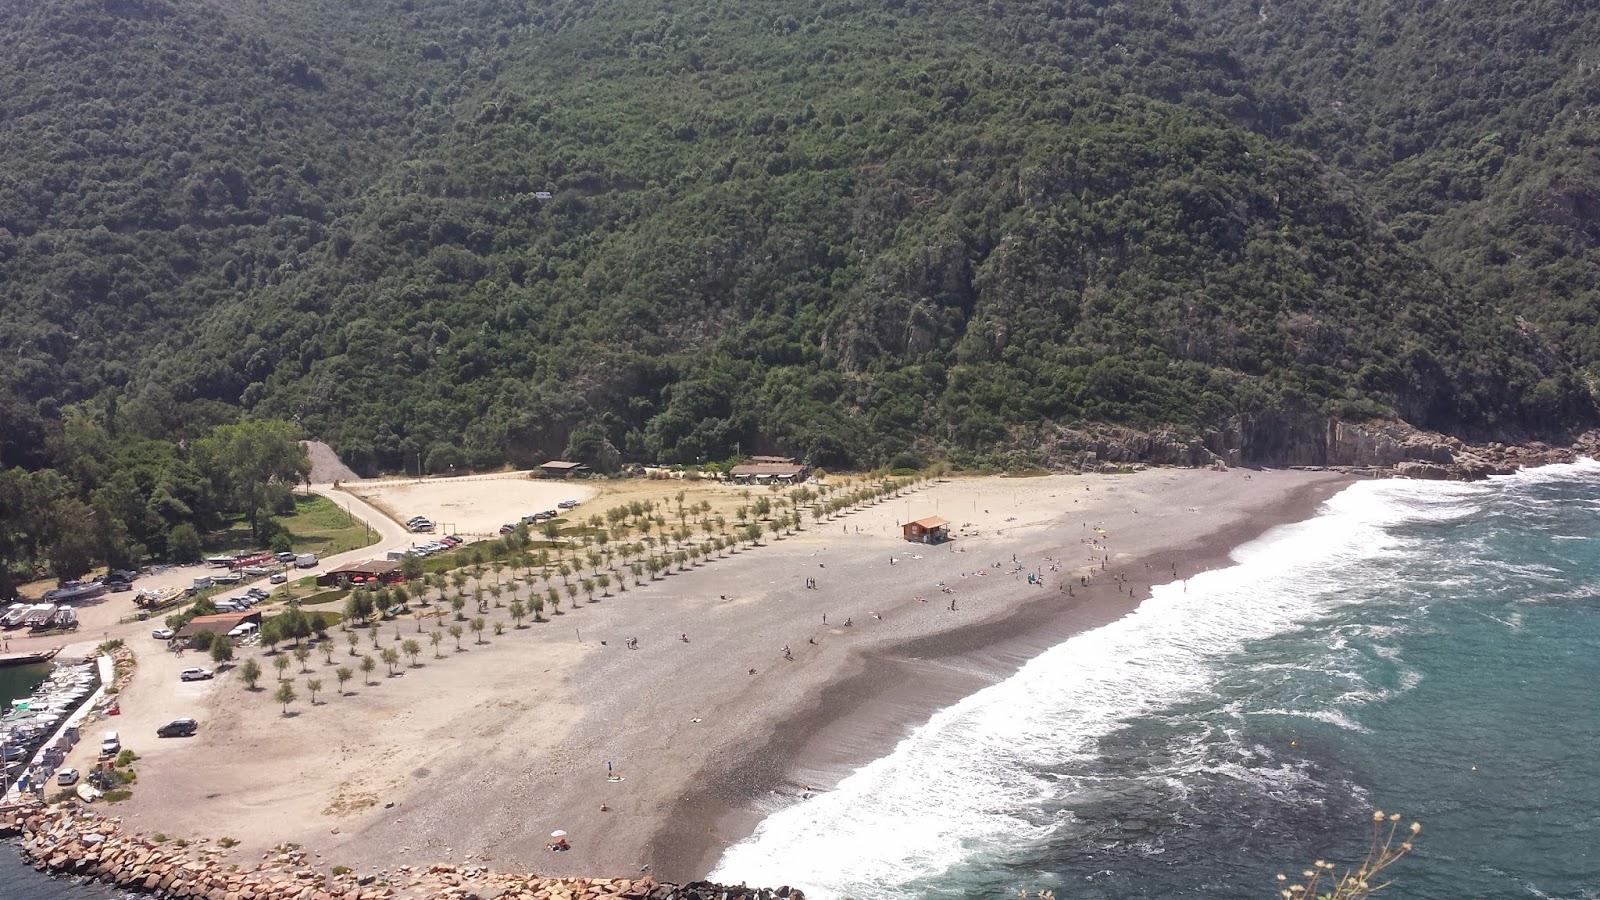 Plage de Porto - Corse